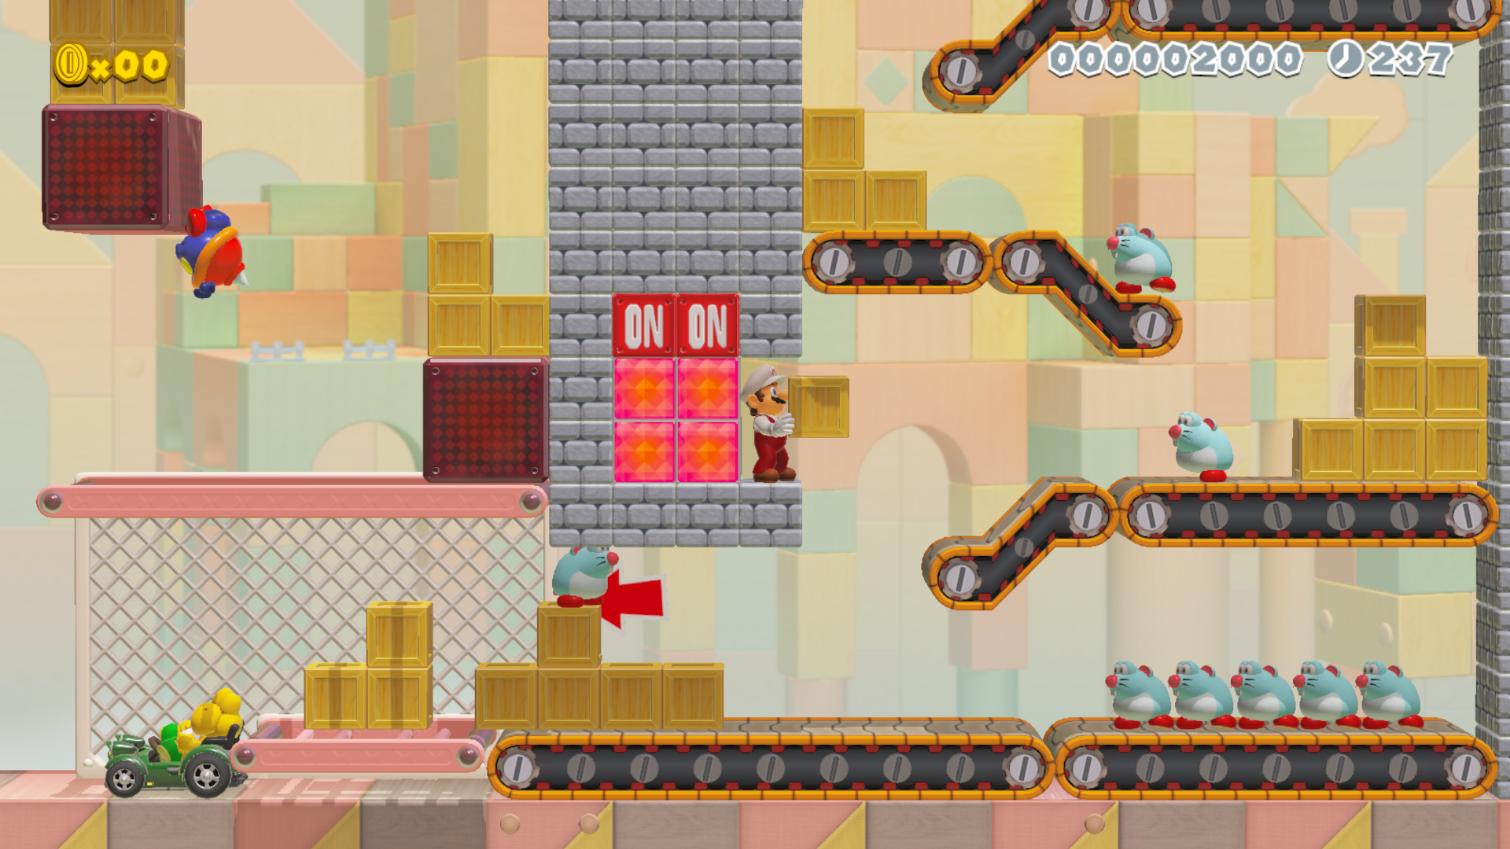 Super Mario Bros Infinite Lives Online idea gallery